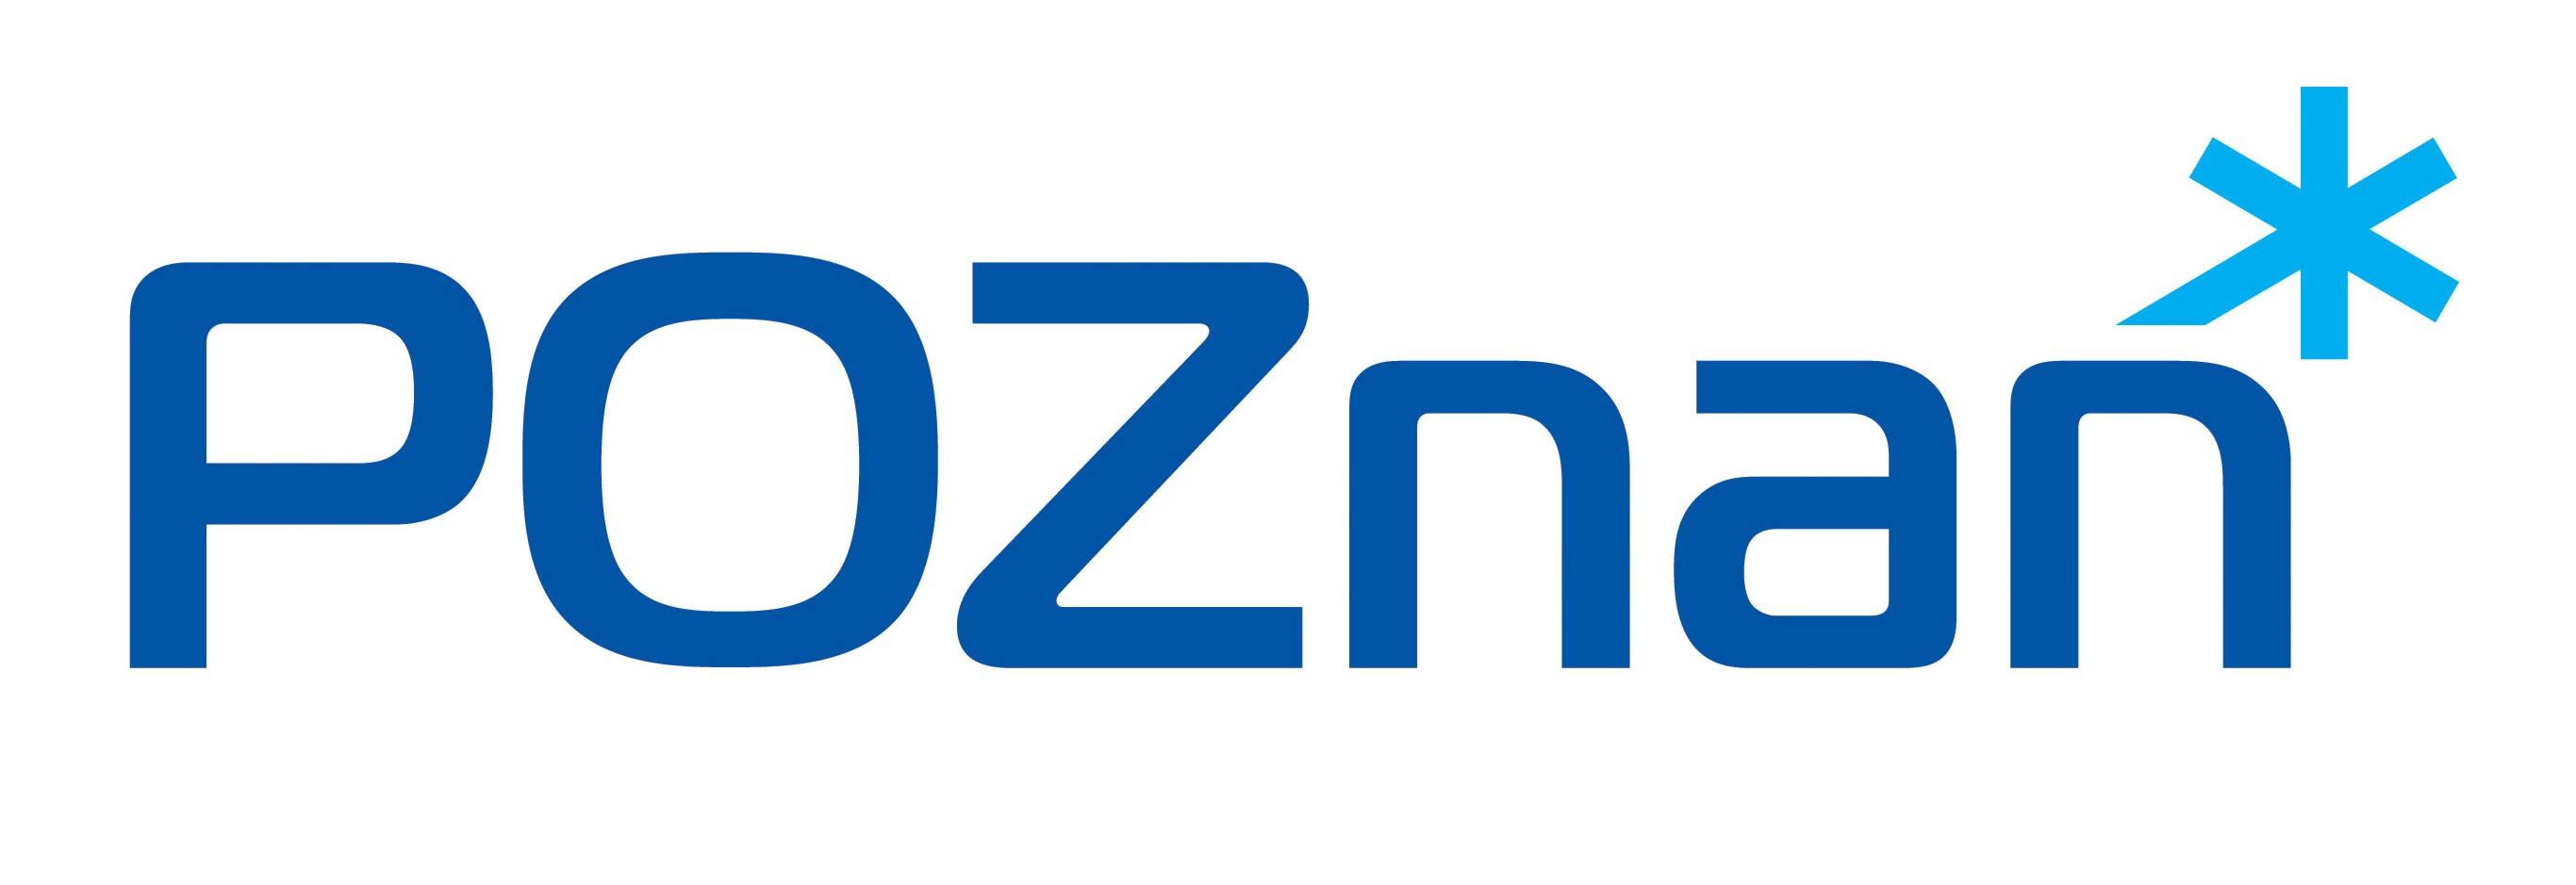 Poznan.pl: Dzień Edukacji oNZJ